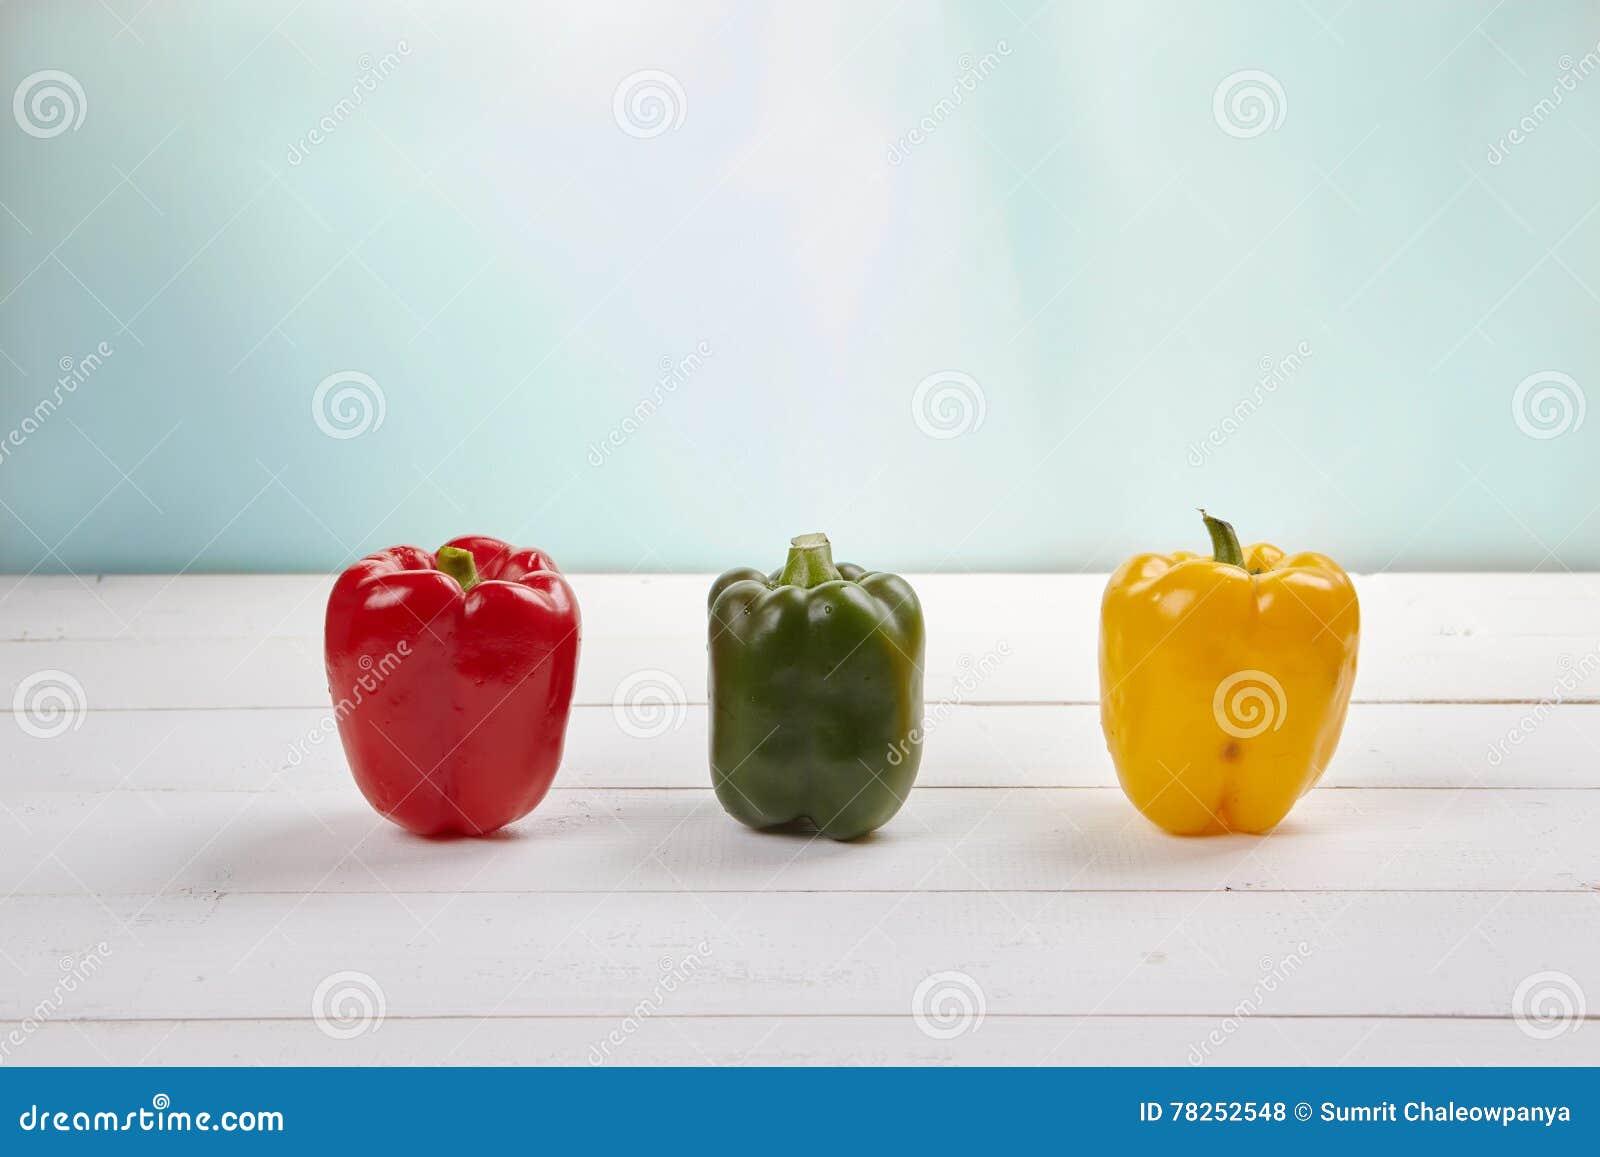 Ομάδα ζωηρόχρωμων πιπεριών στο ξύλινο υπόβαθρο